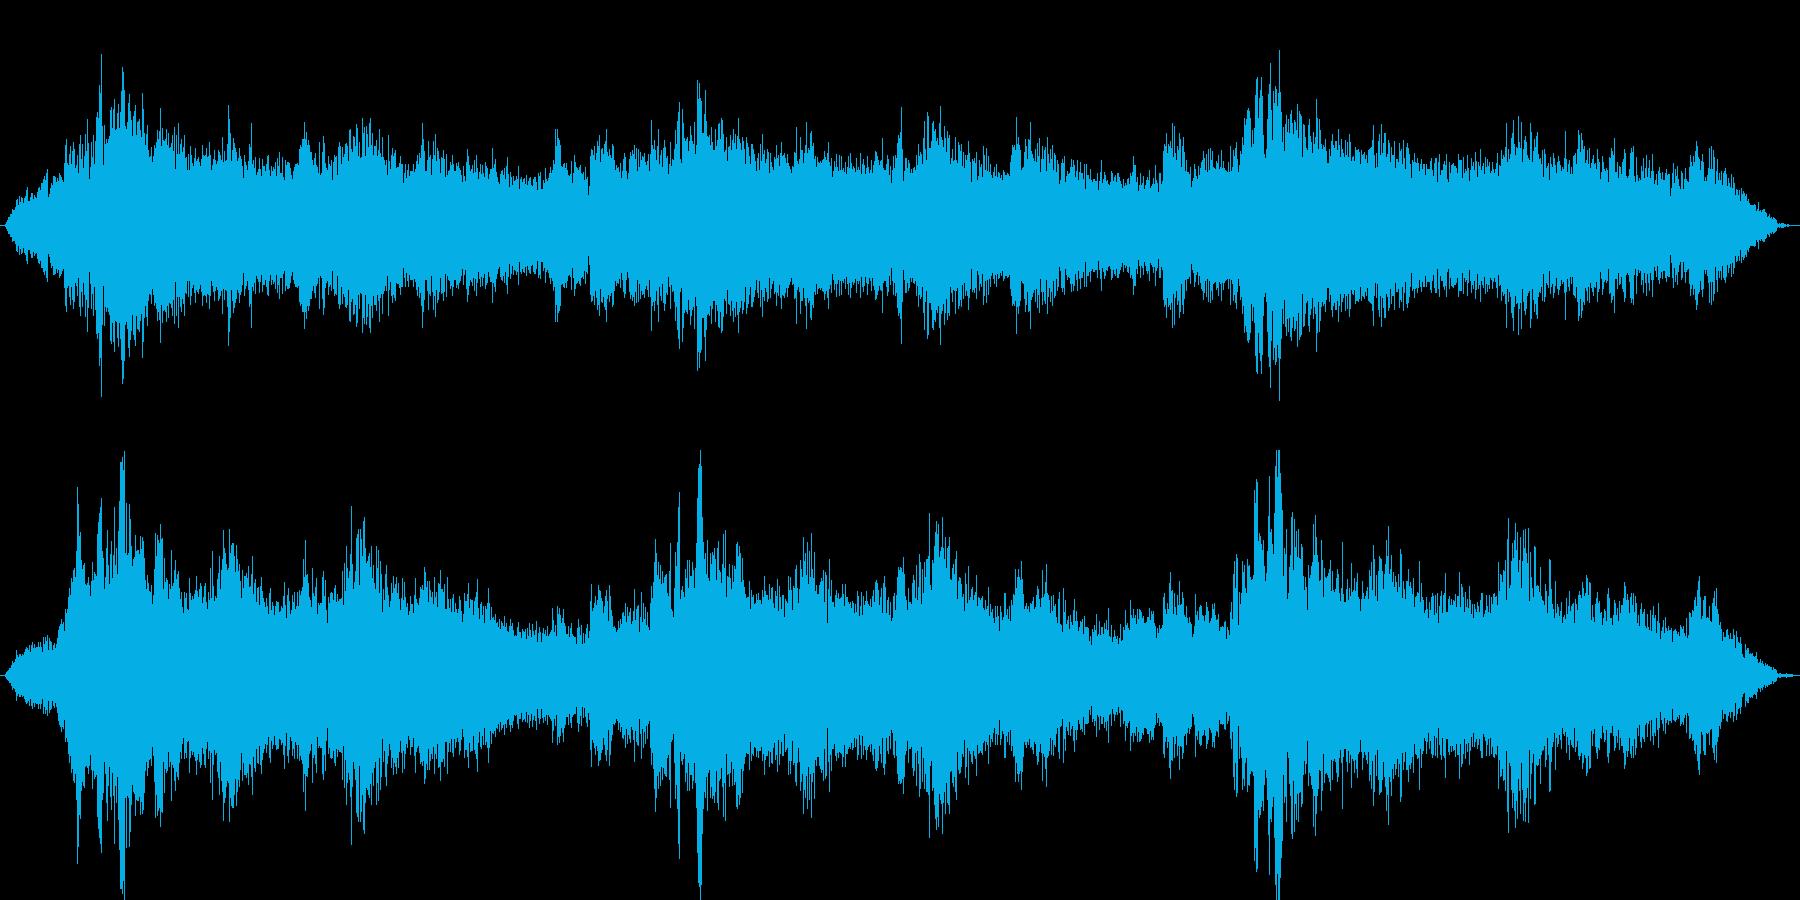 宇宙空間(環境音)の再生済みの波形